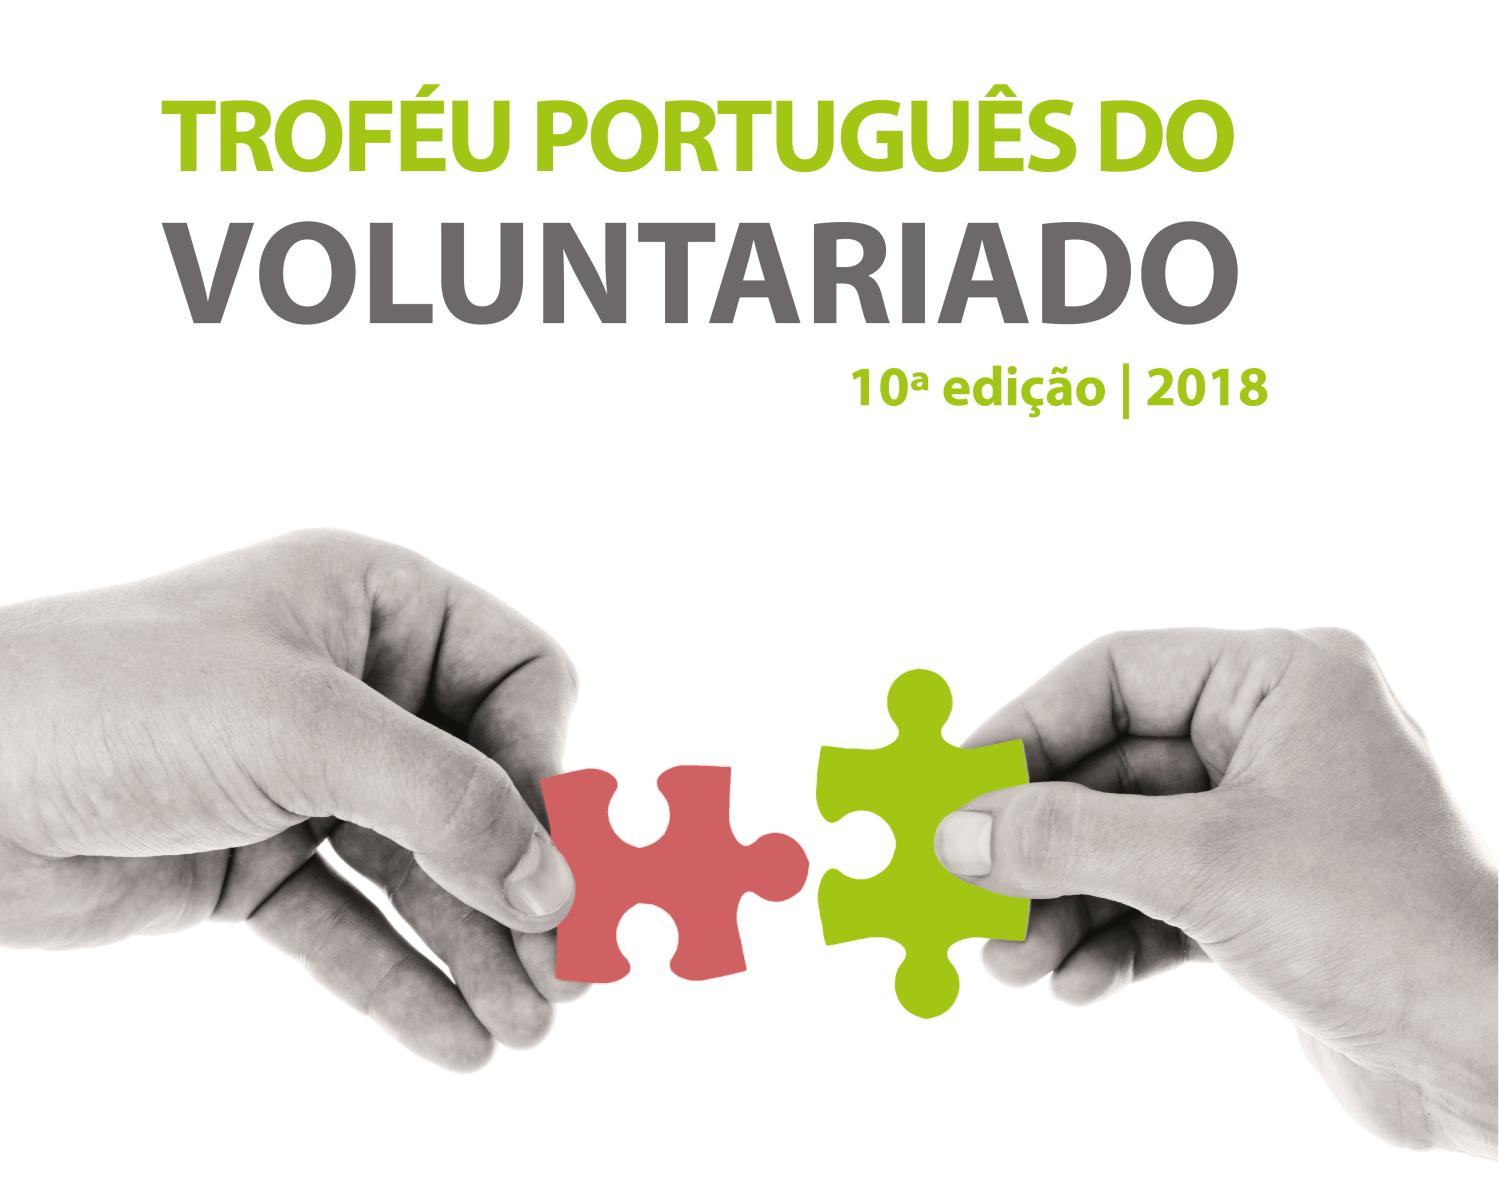 Prémio | Troféu Português do Voluntariado